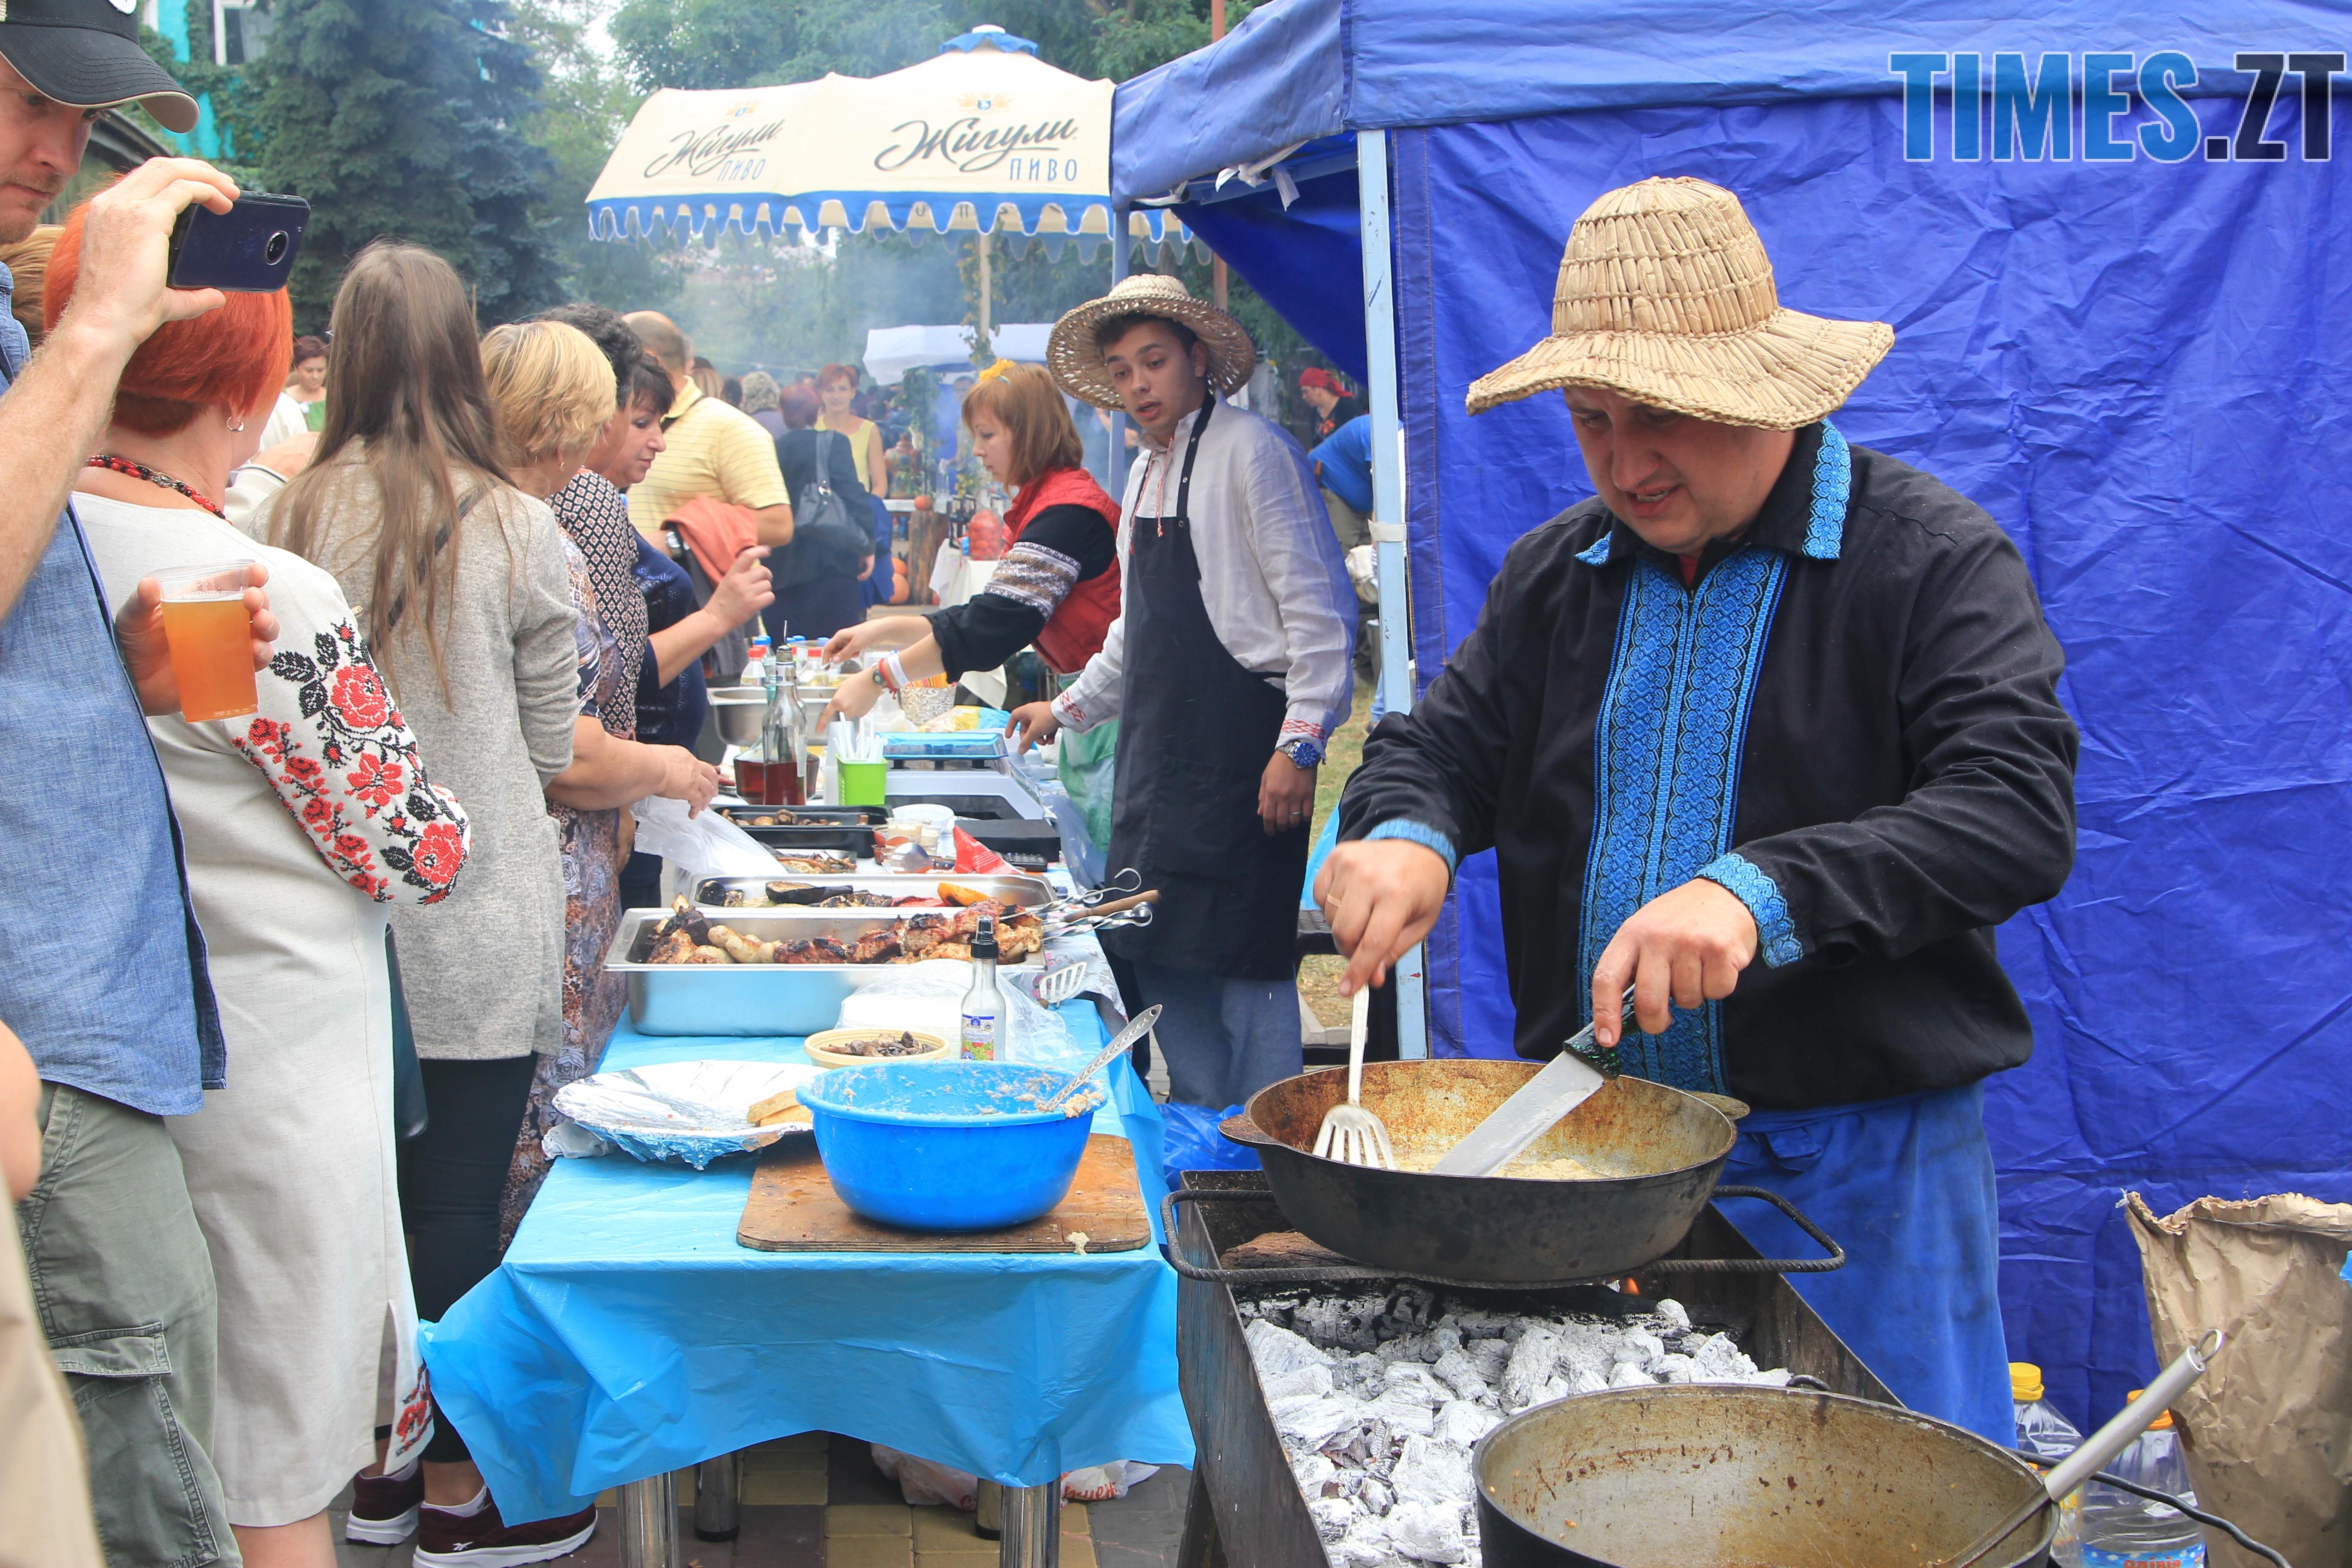 IMG 7660 - Десятий фестиваль дерунів: насмажили чимало, показали найбільшого в країні і побили ним всі рекорди (ФОТОРЕПОРТАЖ)